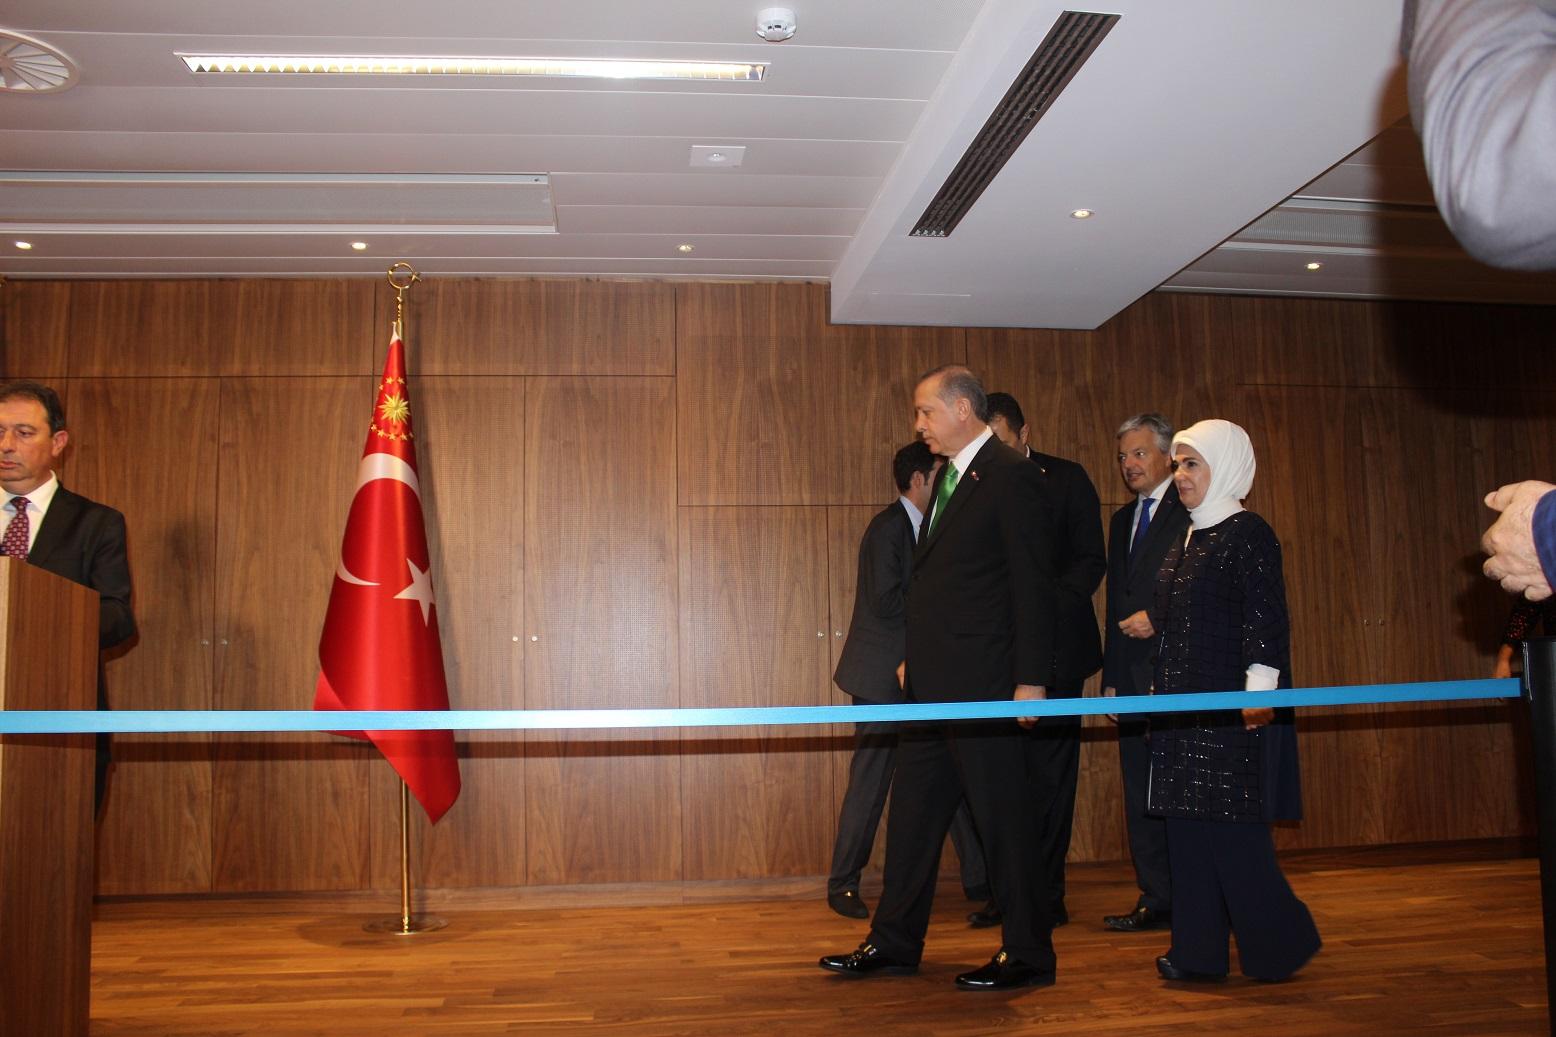 Brüksel Büyükelçiliği açılışı 4